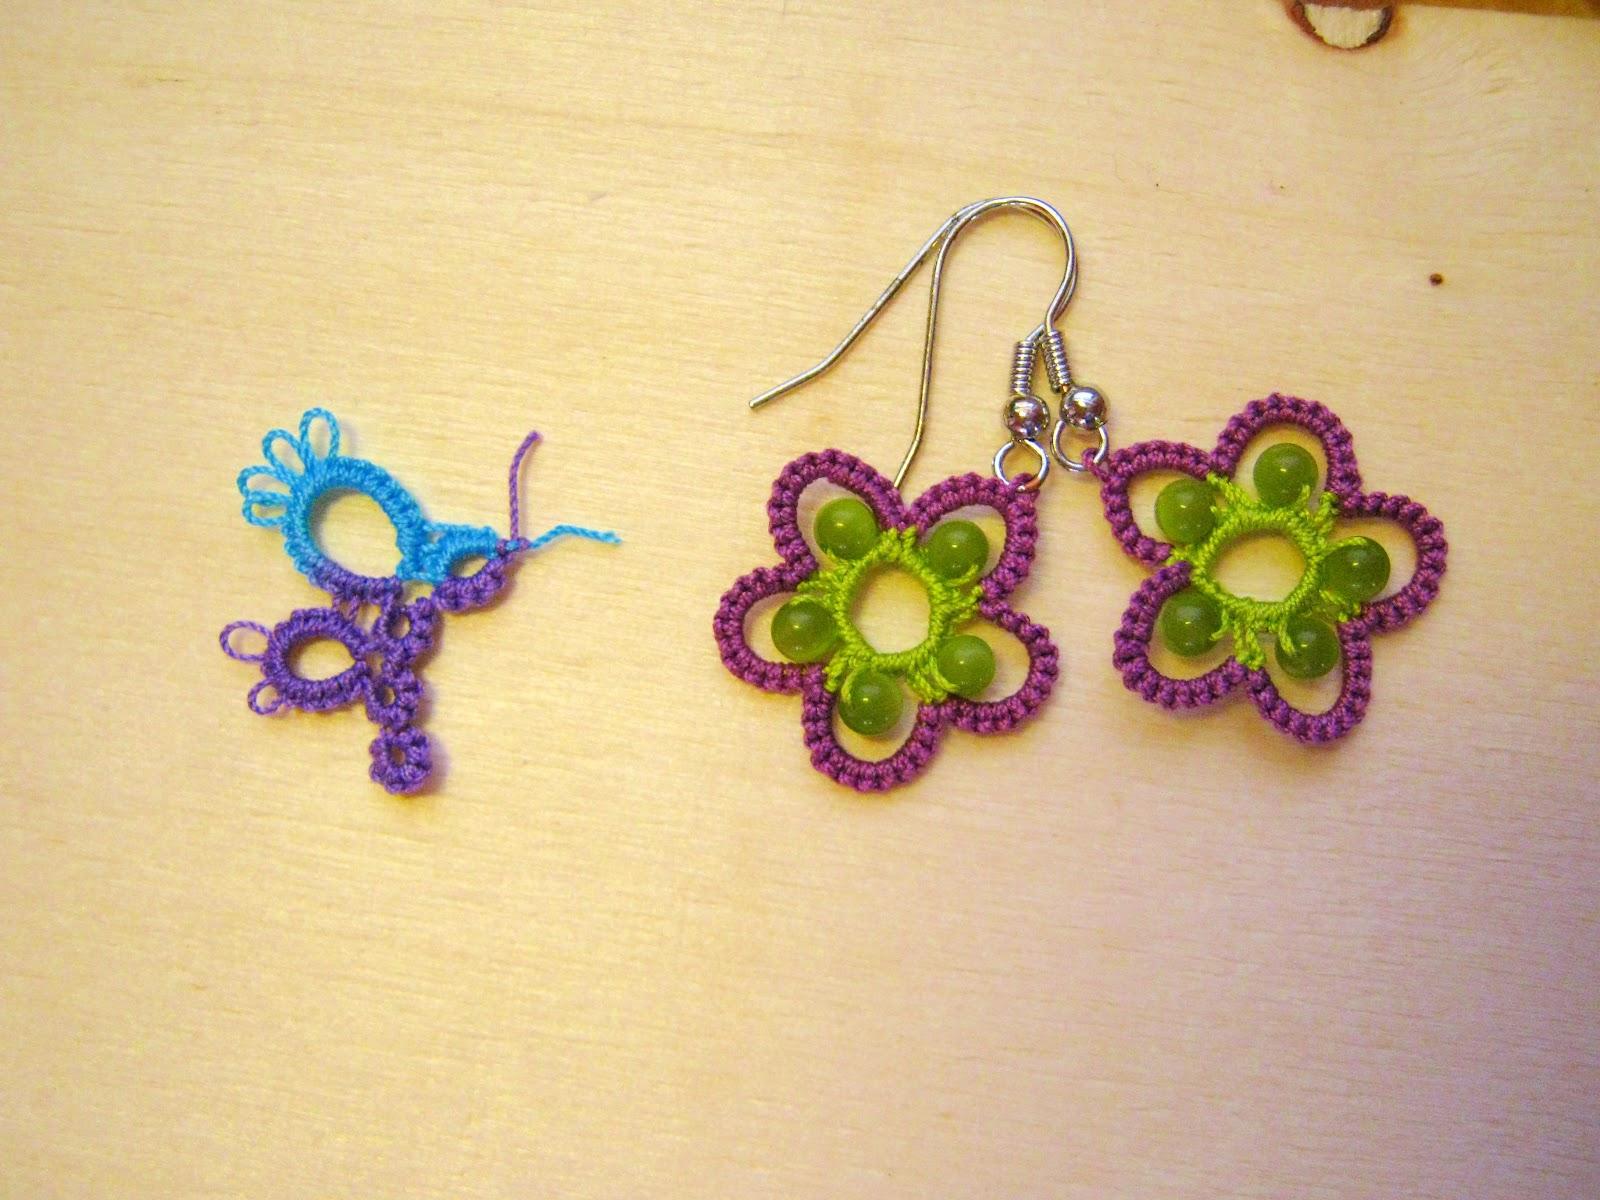 Per i petali ho scelto il cotone viola lucido e per il centro il verde